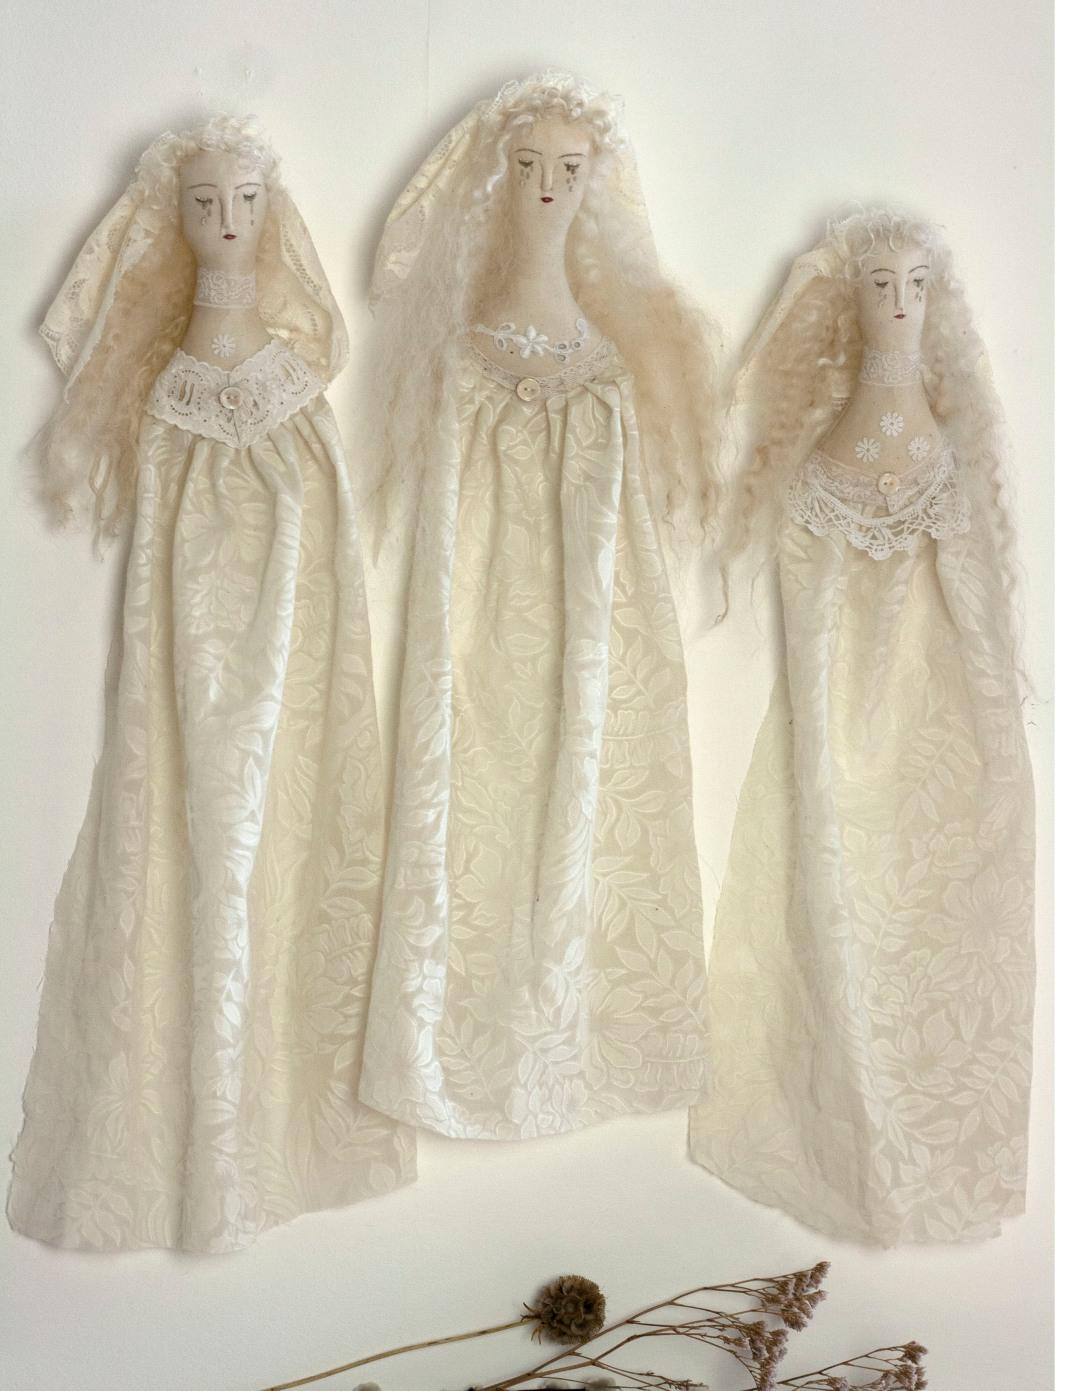 ghost-dolls-02